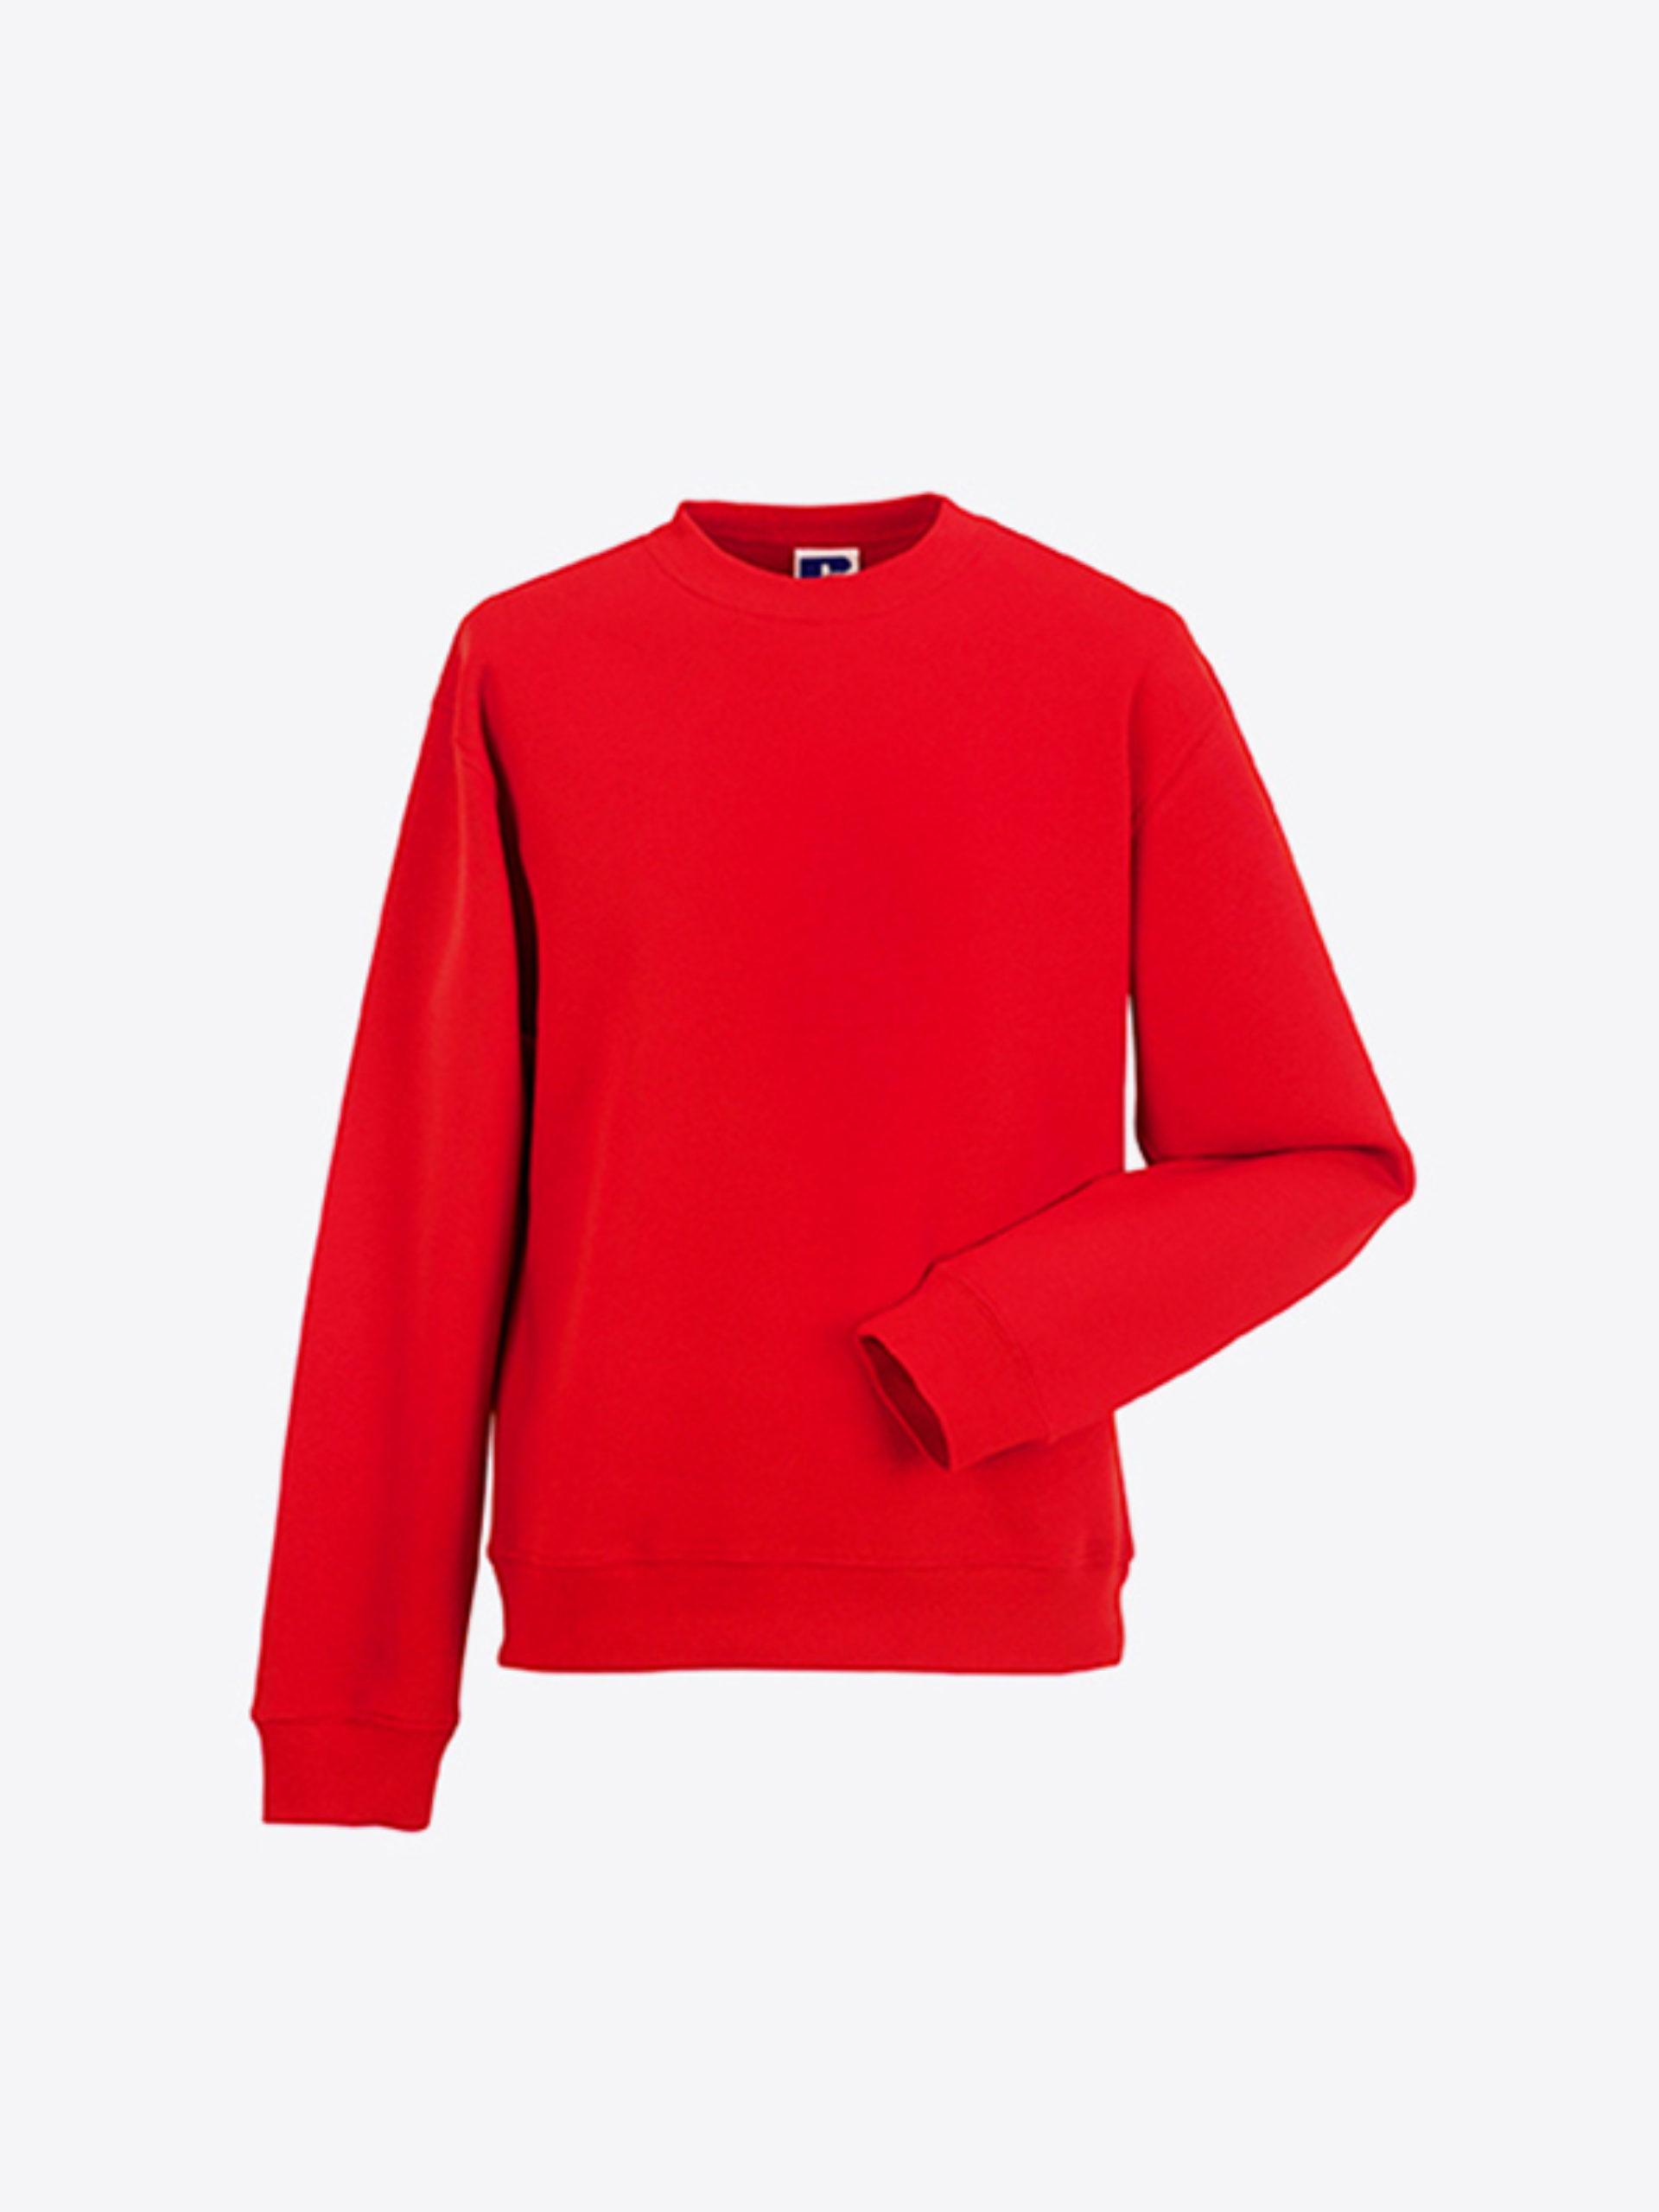 Herren Sweatshirt Individuell Bedrucken Oder Besticken Russell 262M Classic Red